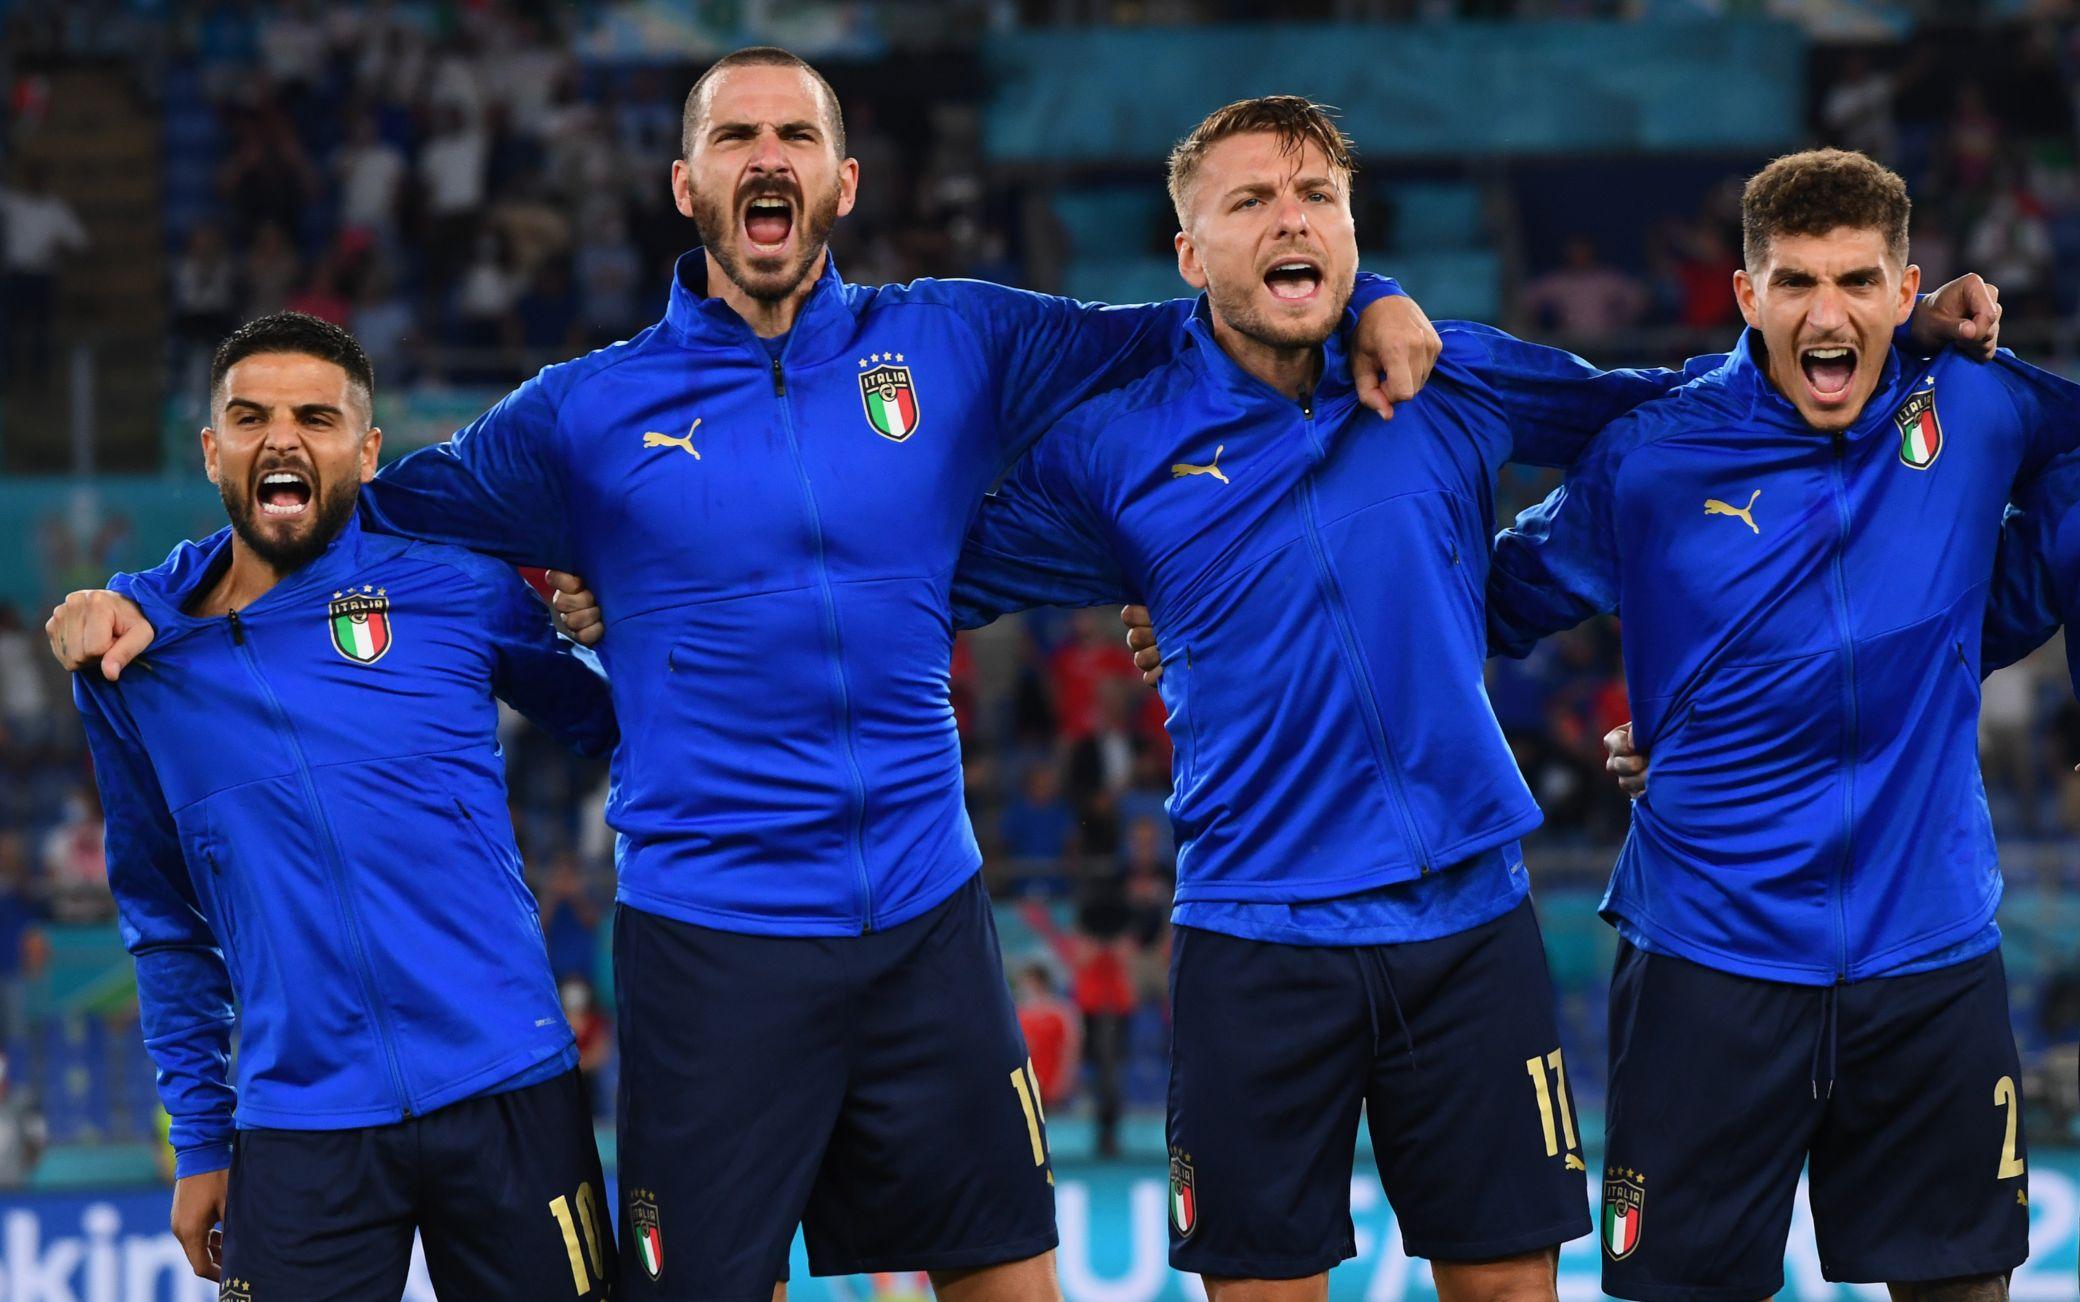 Italia, è più di un inno: la passione Azzurra in 11 foto simbolo